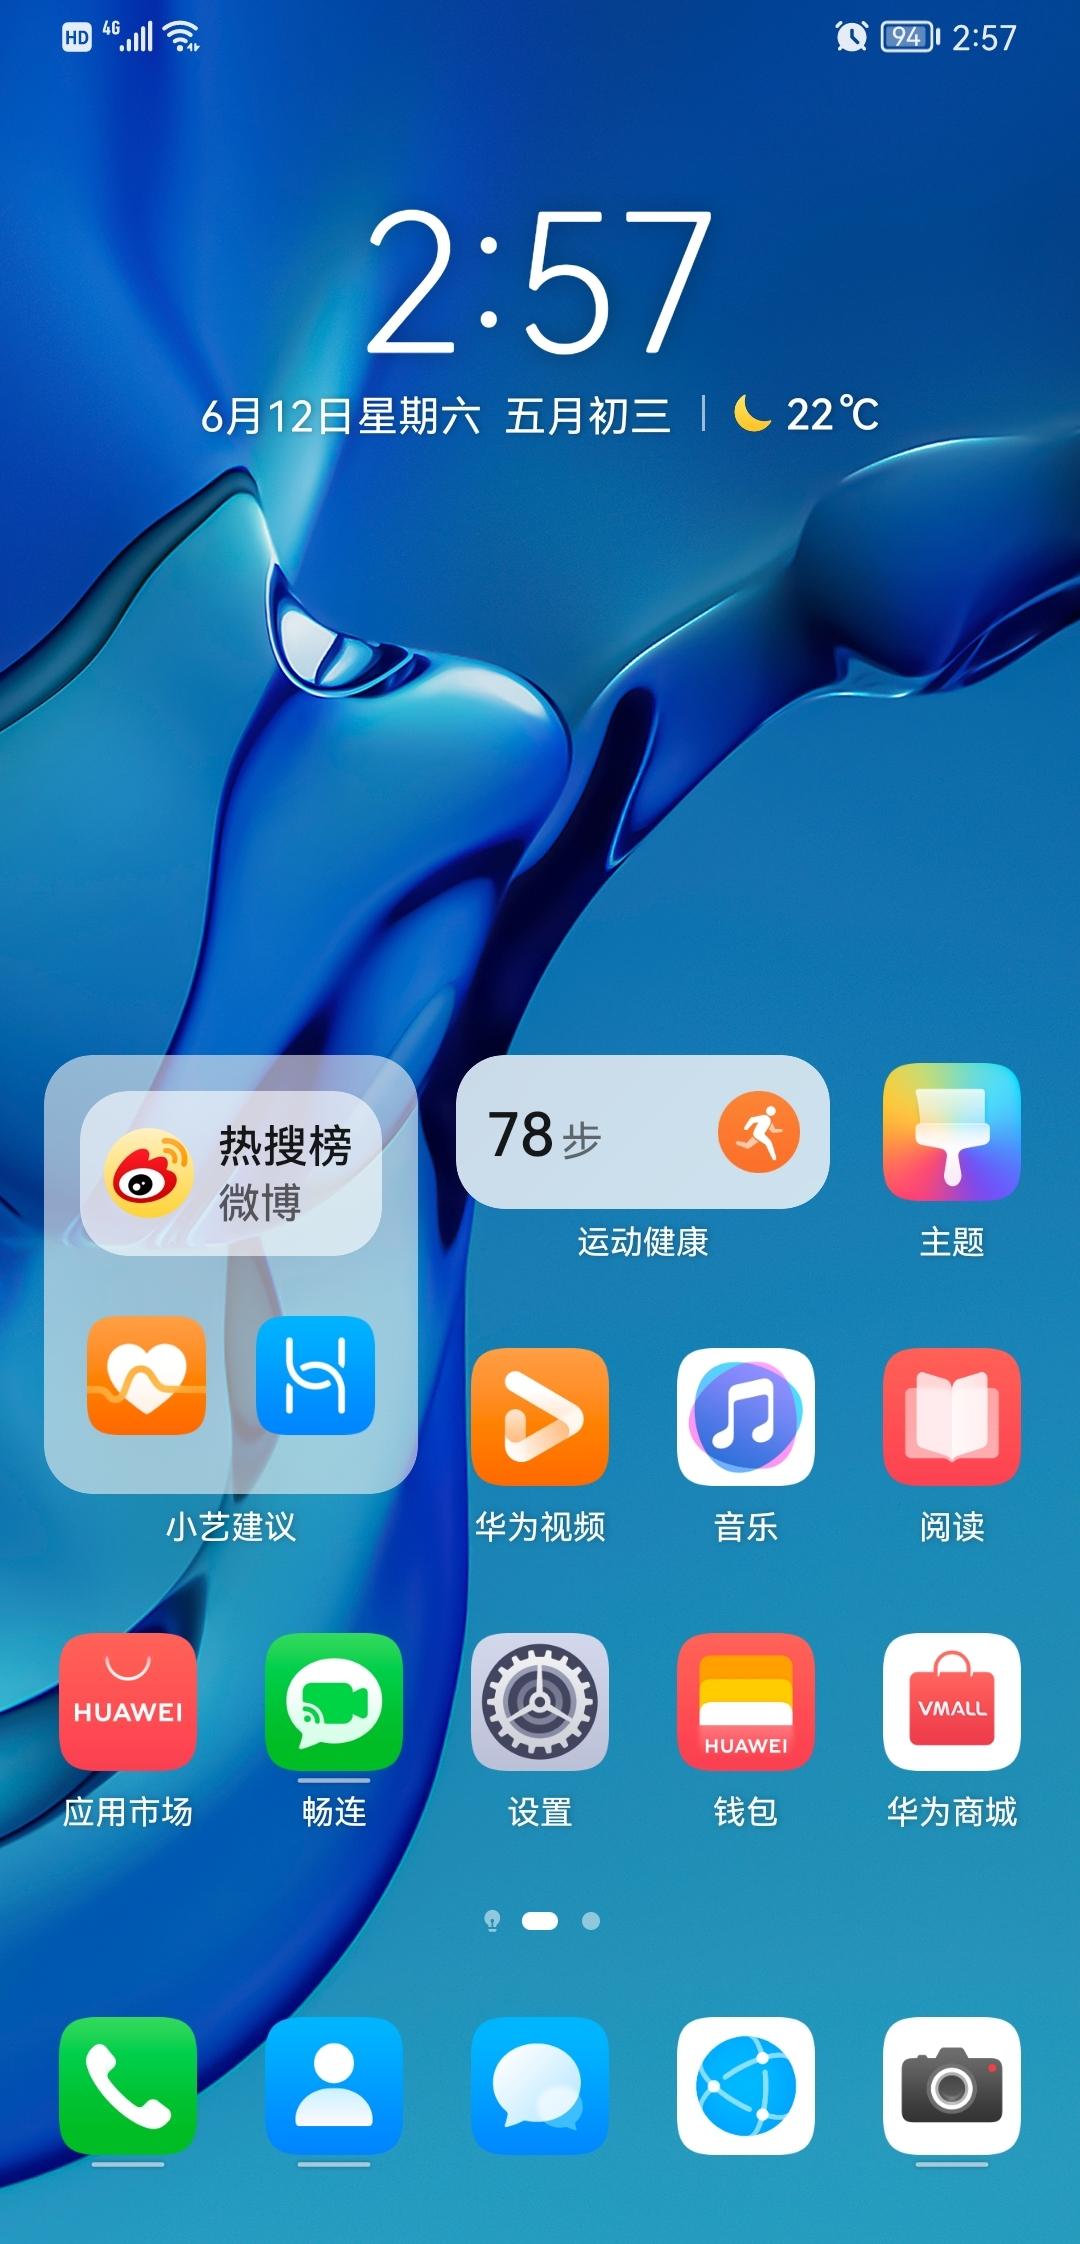 Screenshot_20210612_025715_com.huawei.android.launcher.jpg